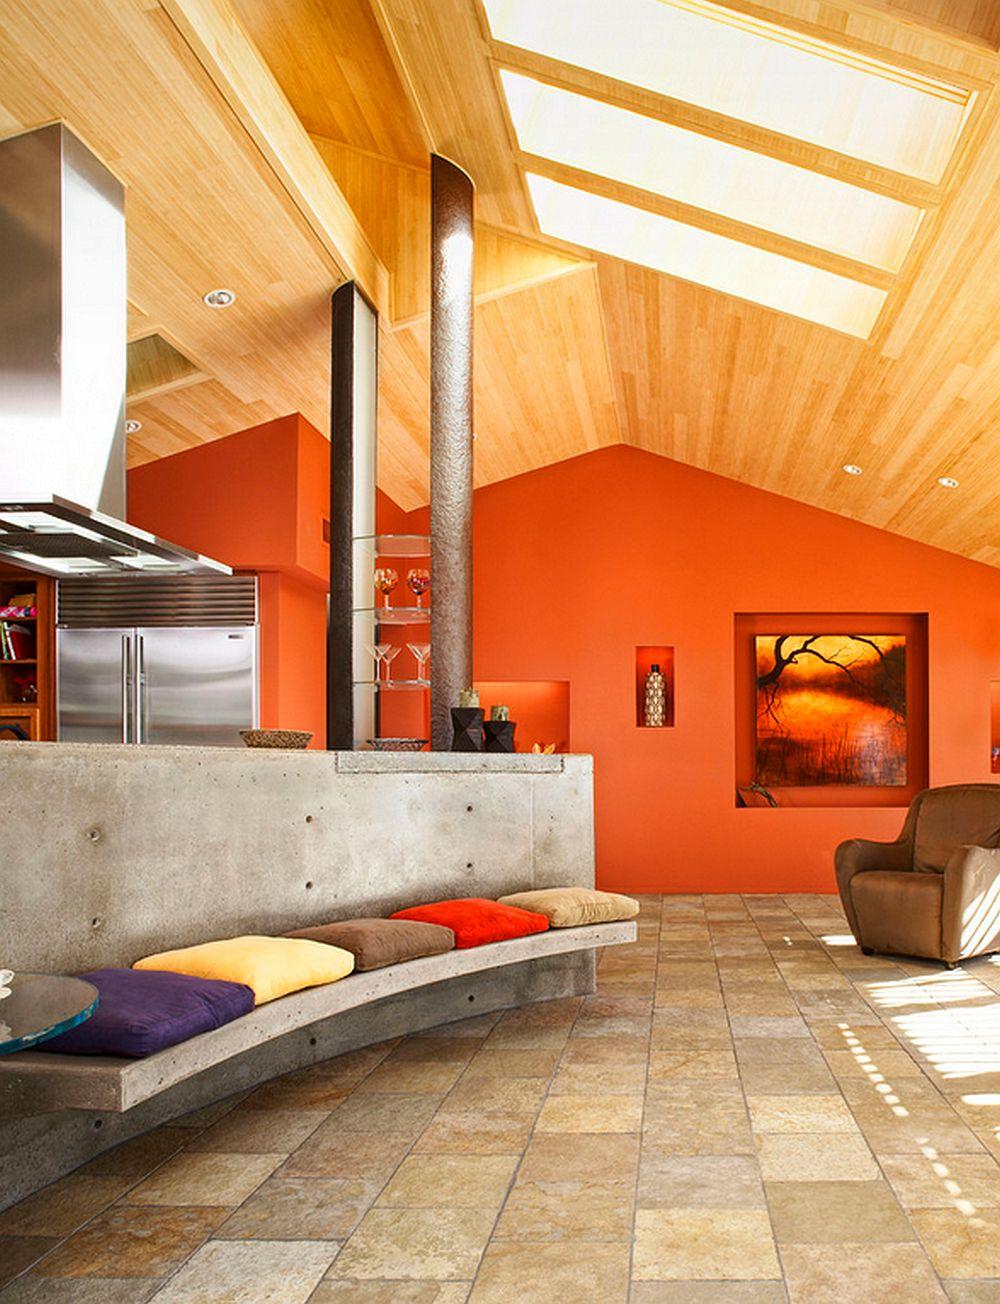 adelaparvu.com despre masa insula din beton cu locuri de sedere, design J Grant Design Studio (1)